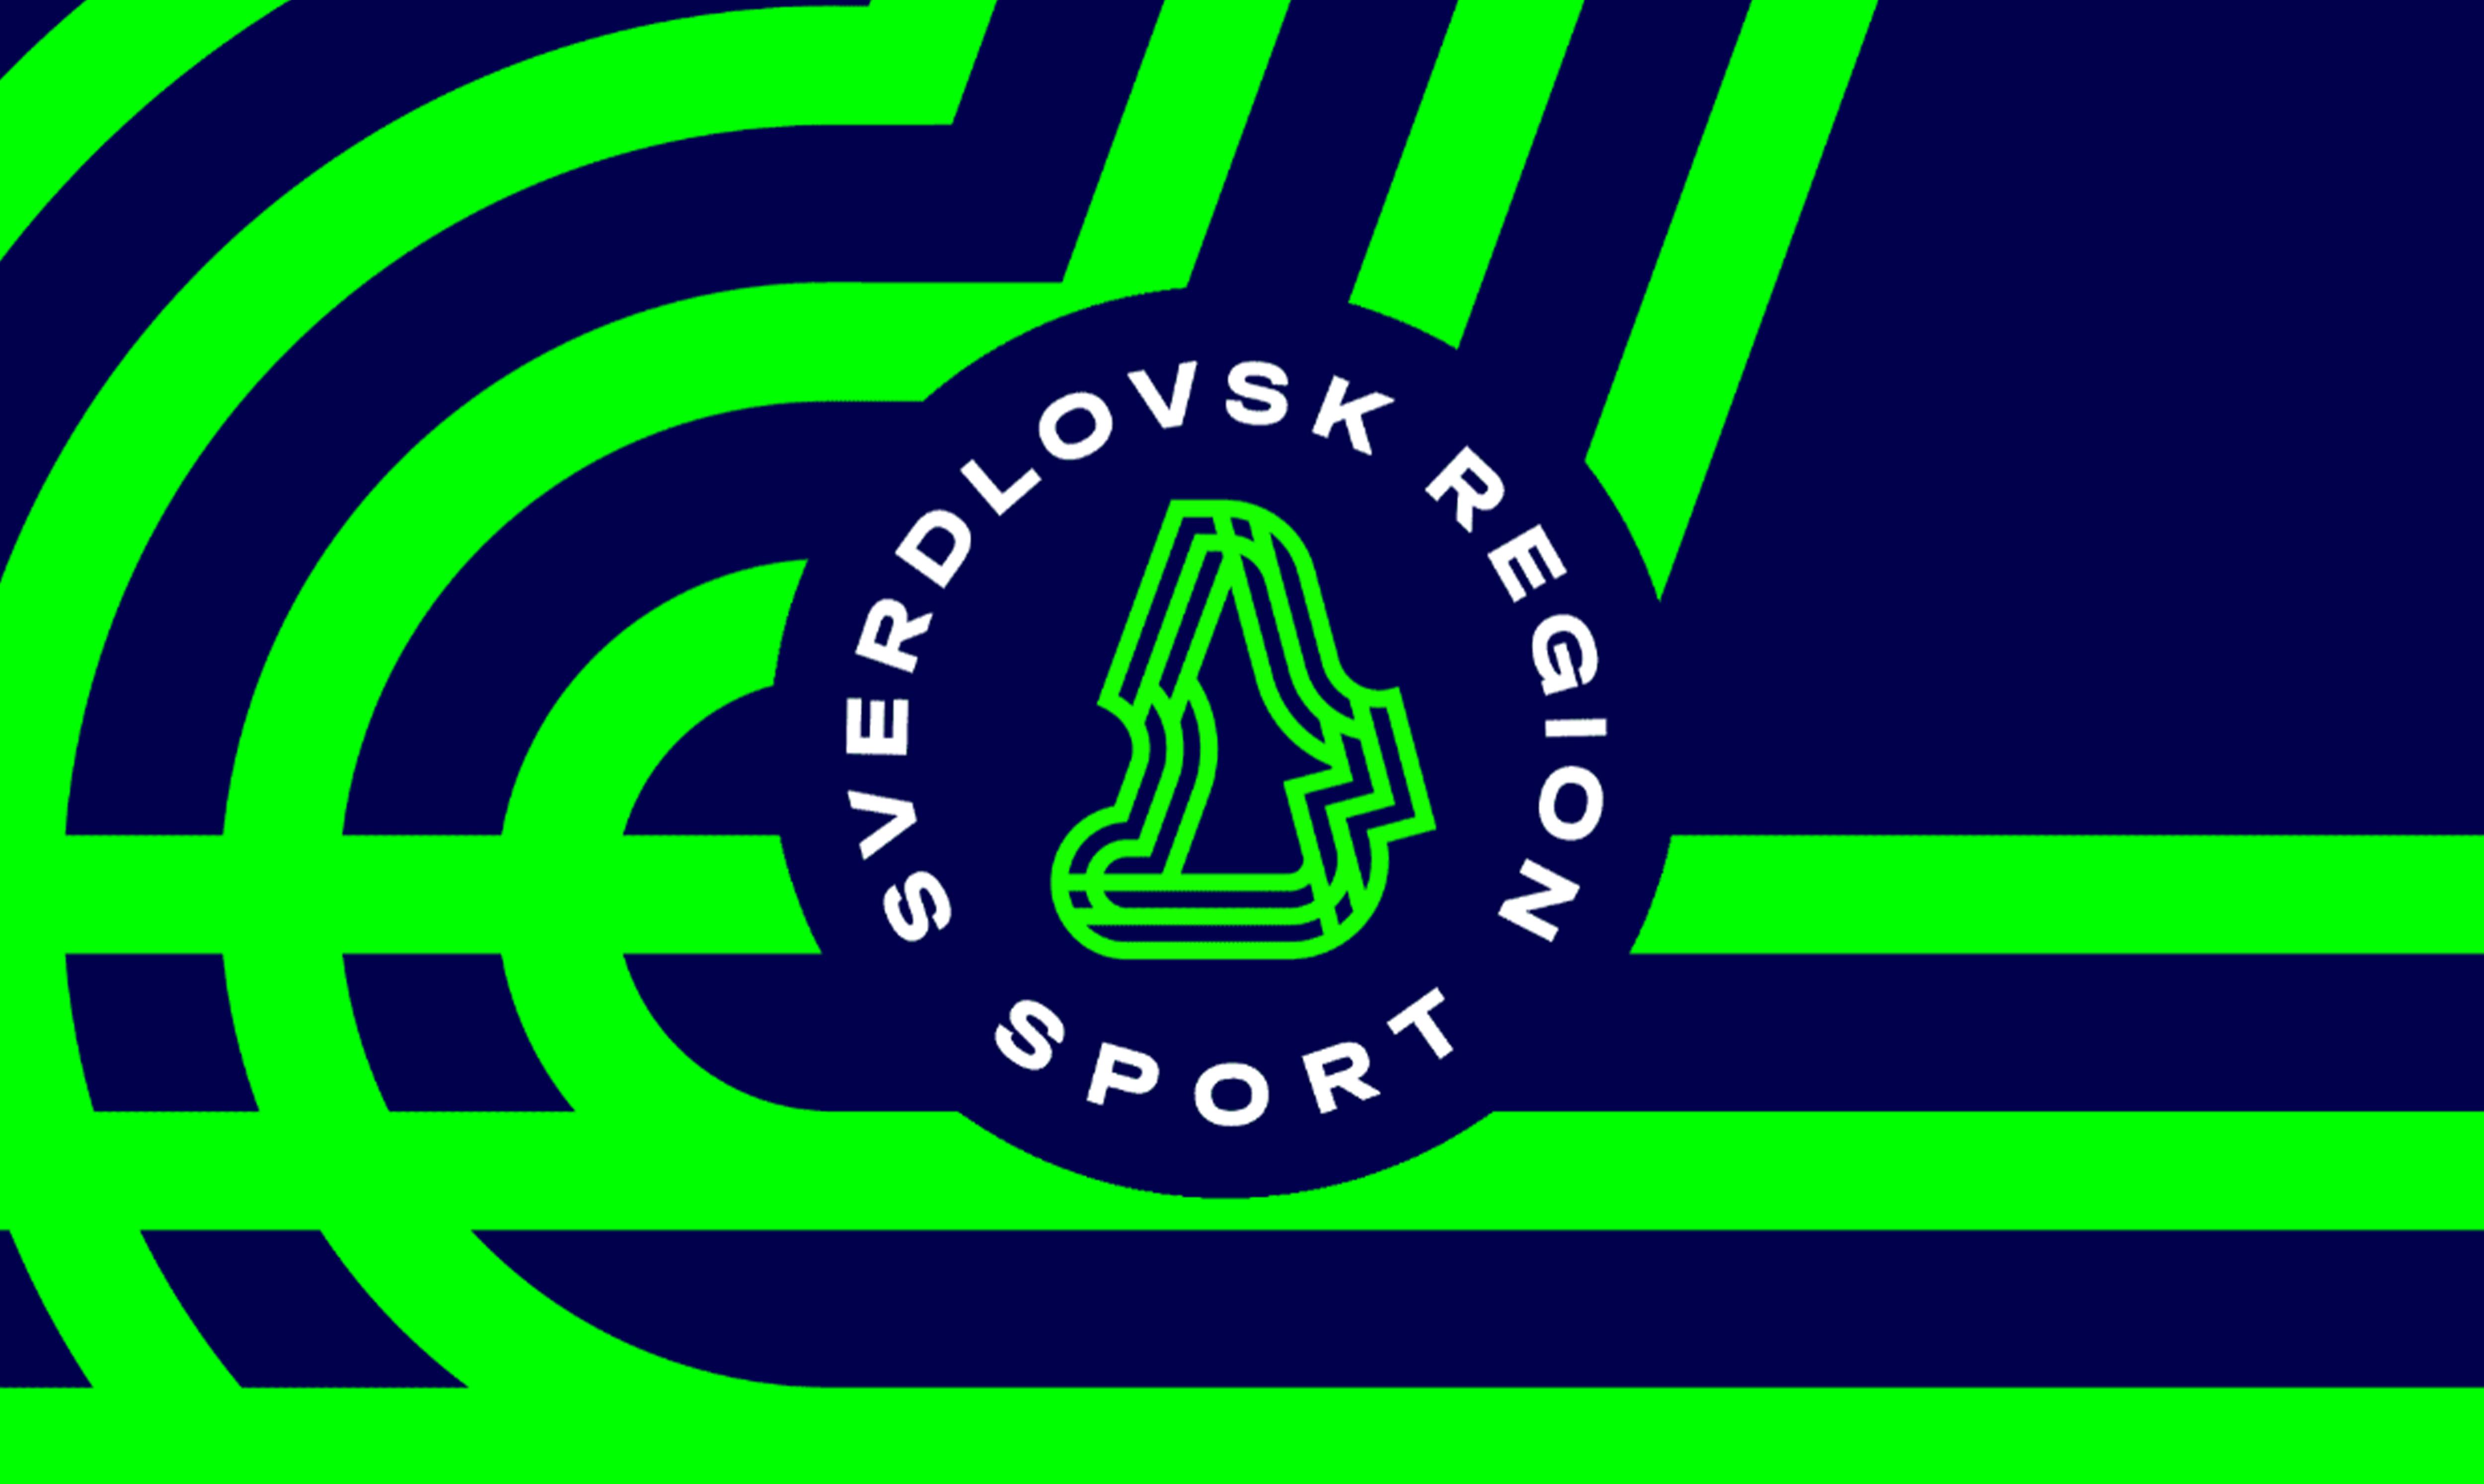 Агентство «Восход» создало айдентику для Министерства спорта Свердловской области